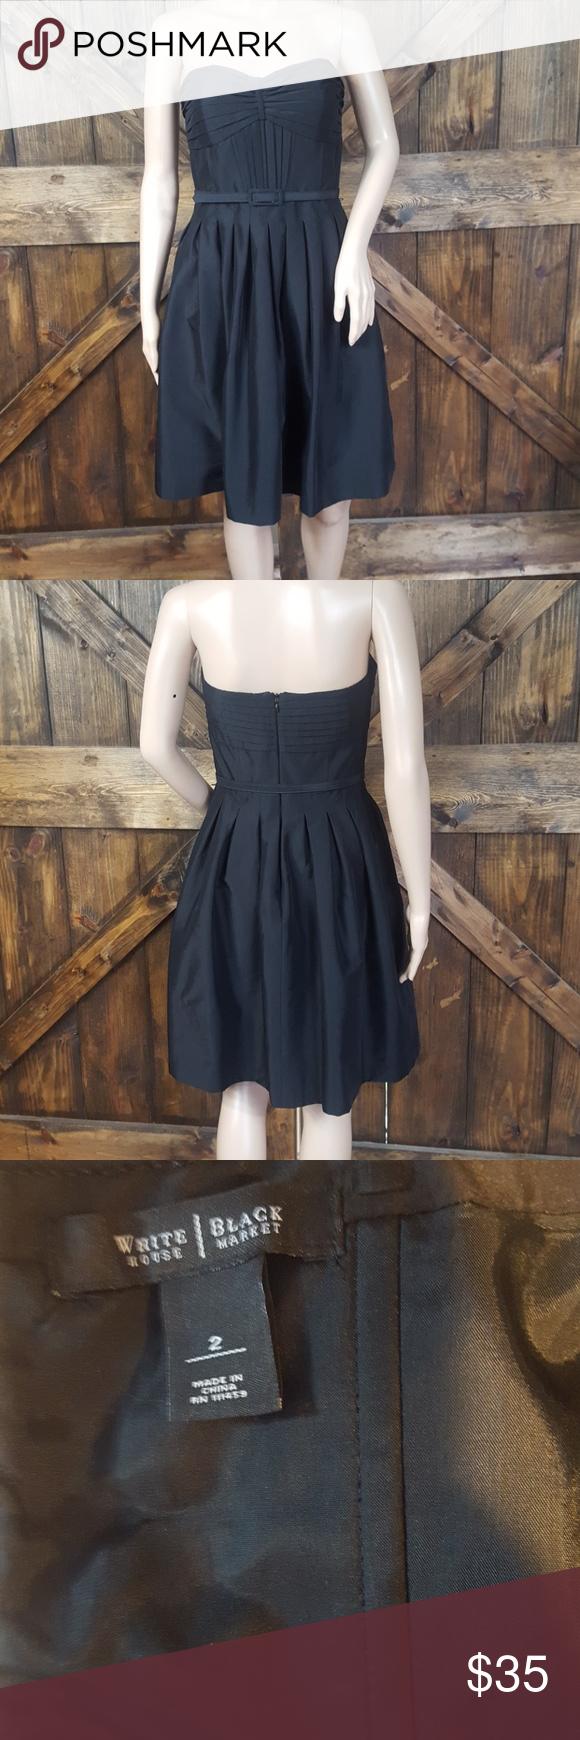 WHBM black sleeveless dress Cute little black dress, cocktail dress White House Black Market Dresses #blacksleevelessdress